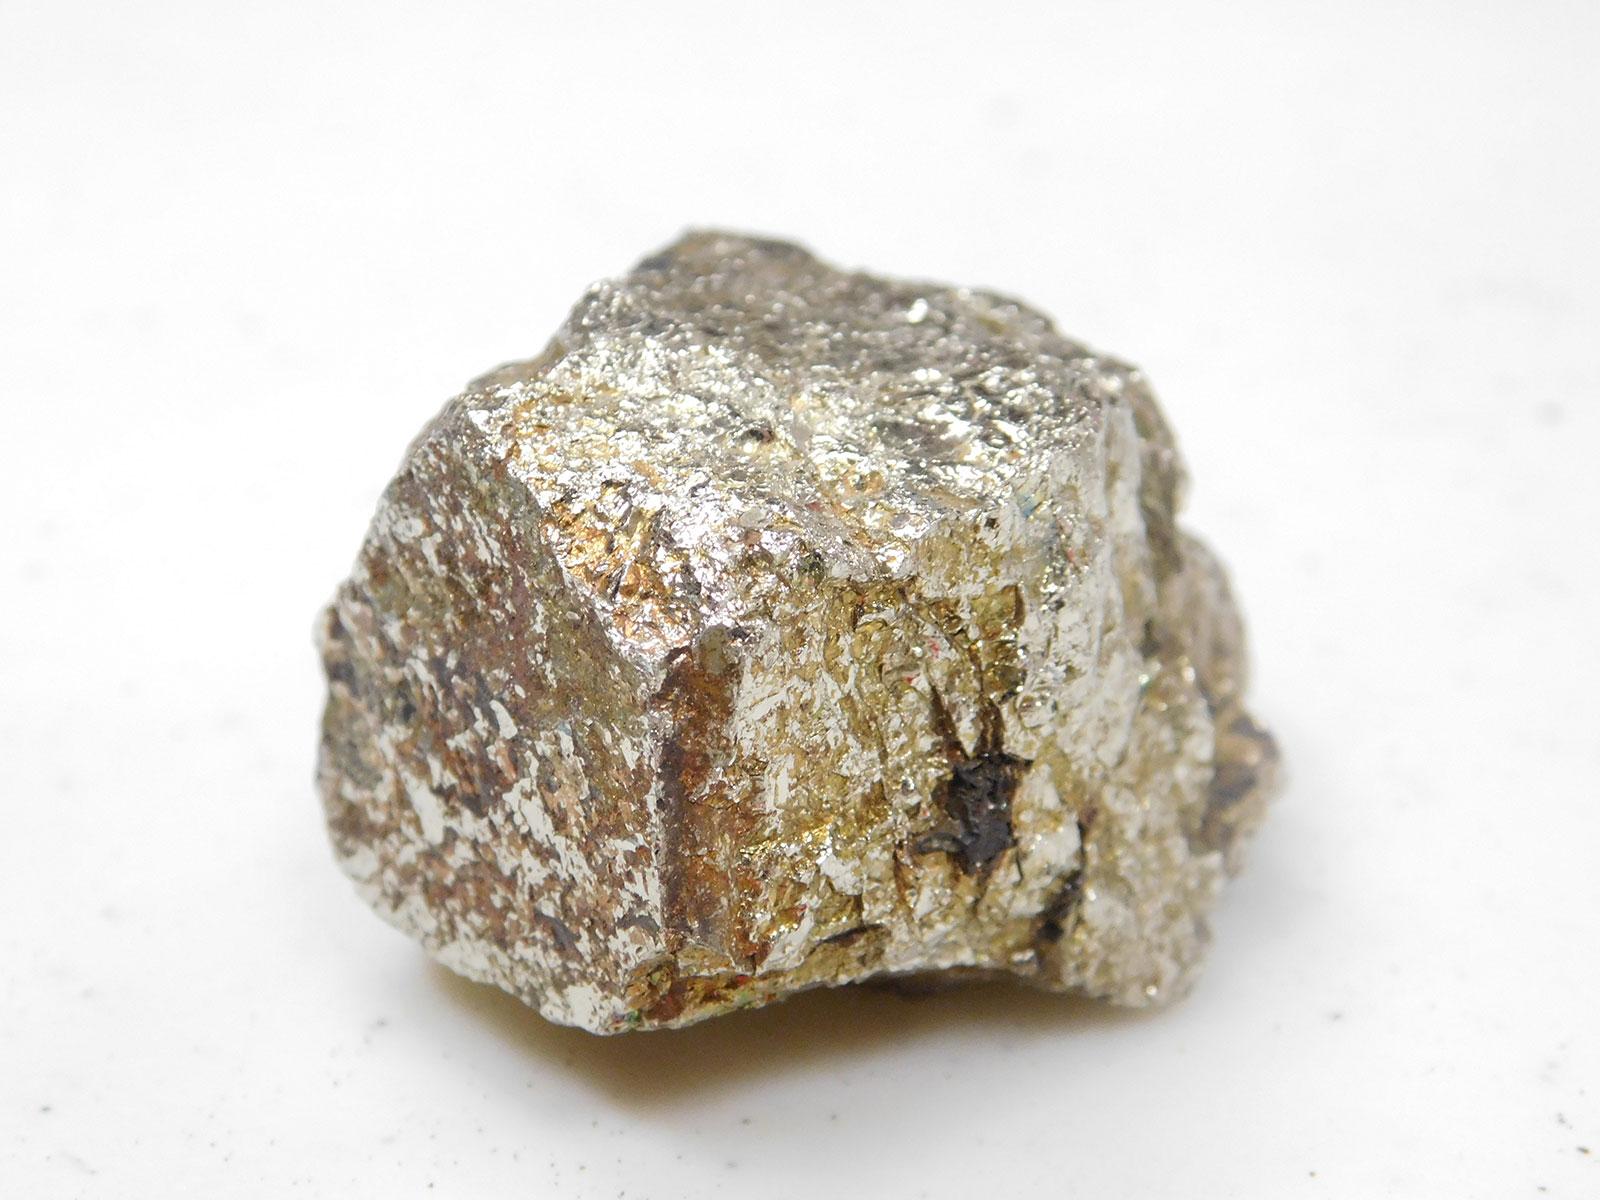 Pacific Rim Cobalt Corp